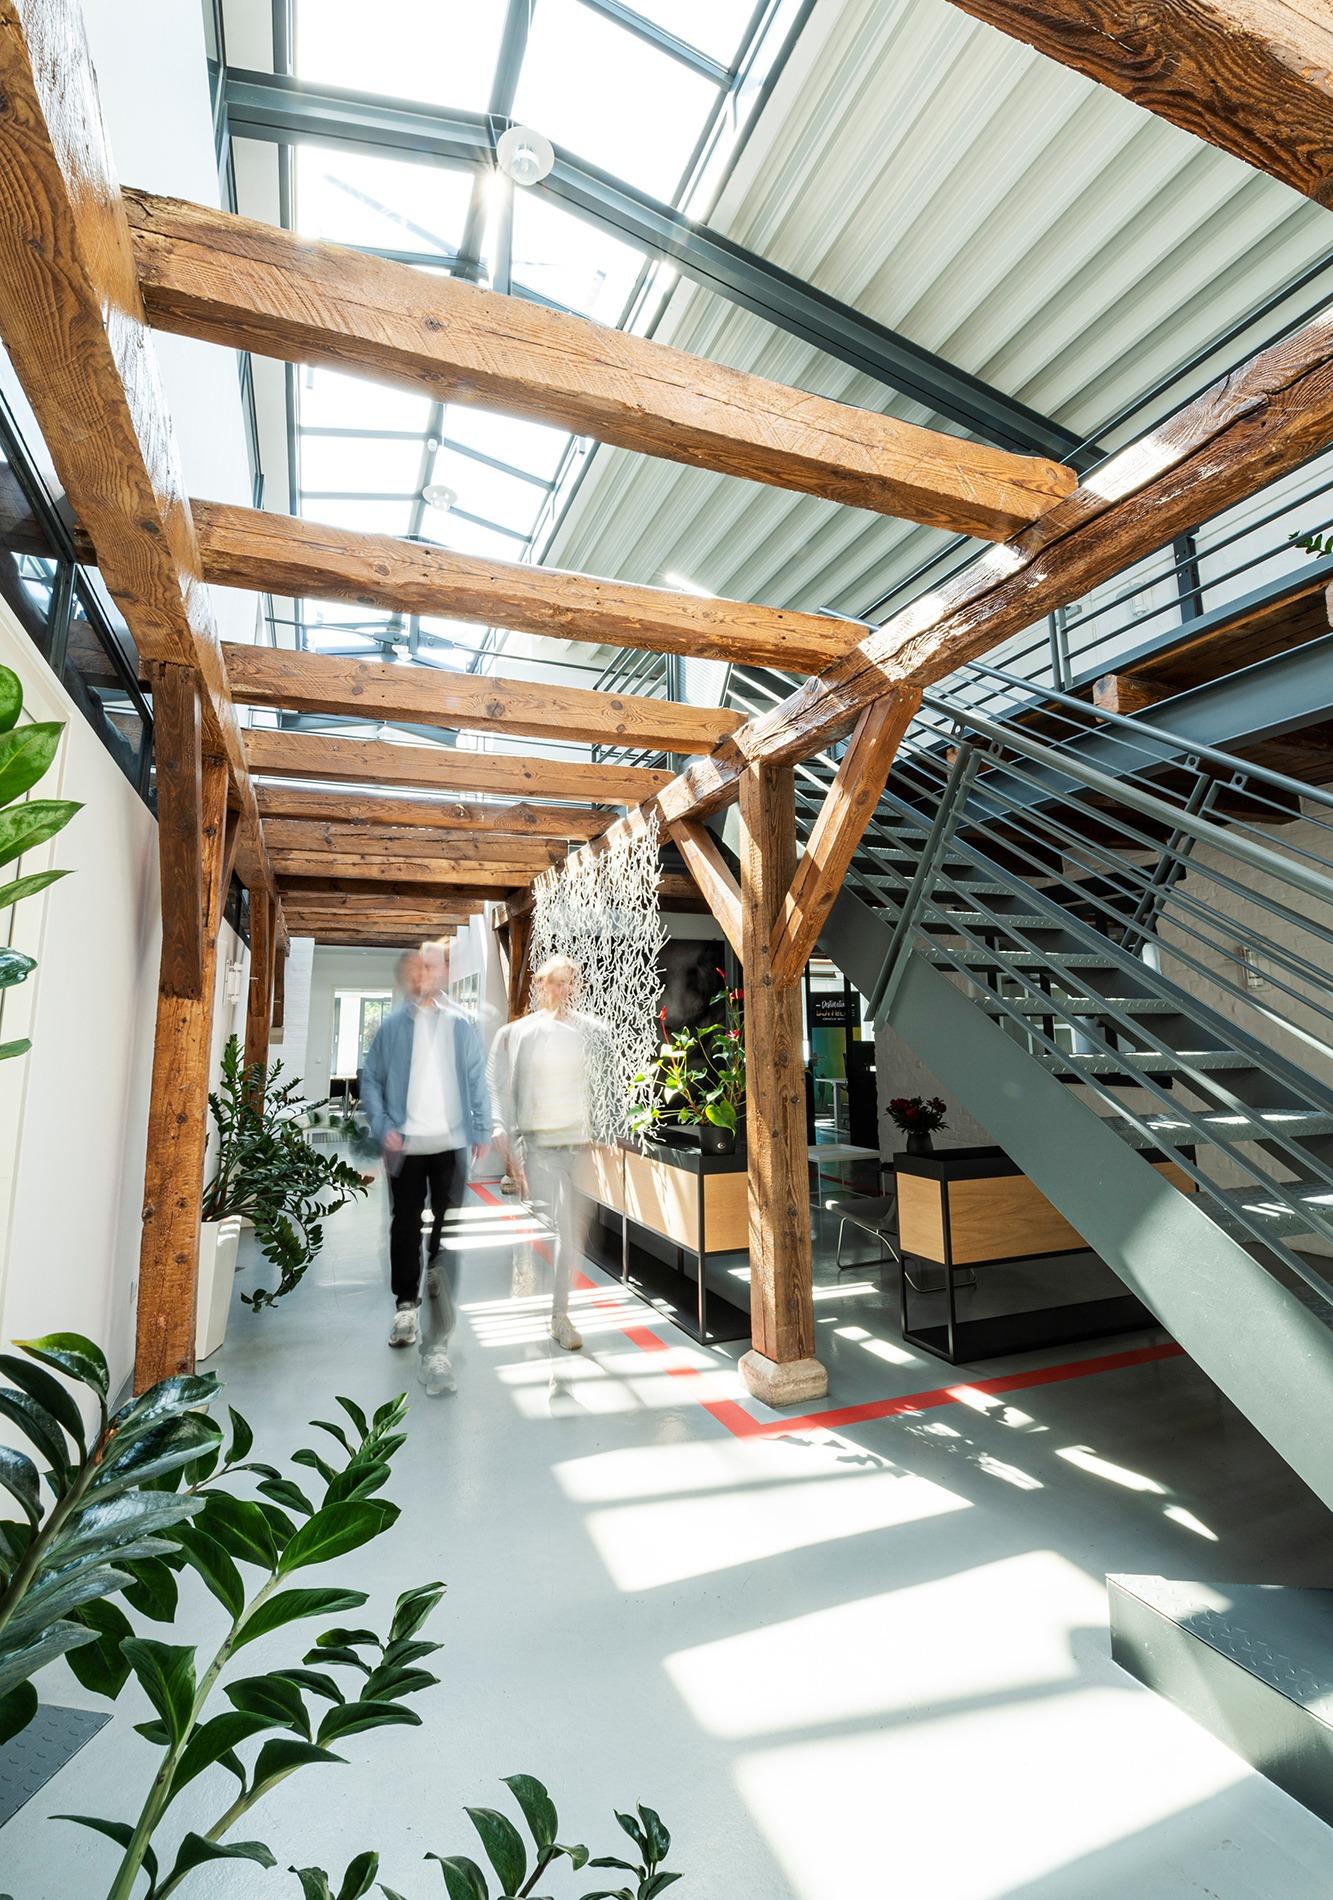 Studio dos, Grafikdesign Osnabrück, Das Büro, Innenansicht mit Treppe und Franziska Fritz und Dennis Zorn